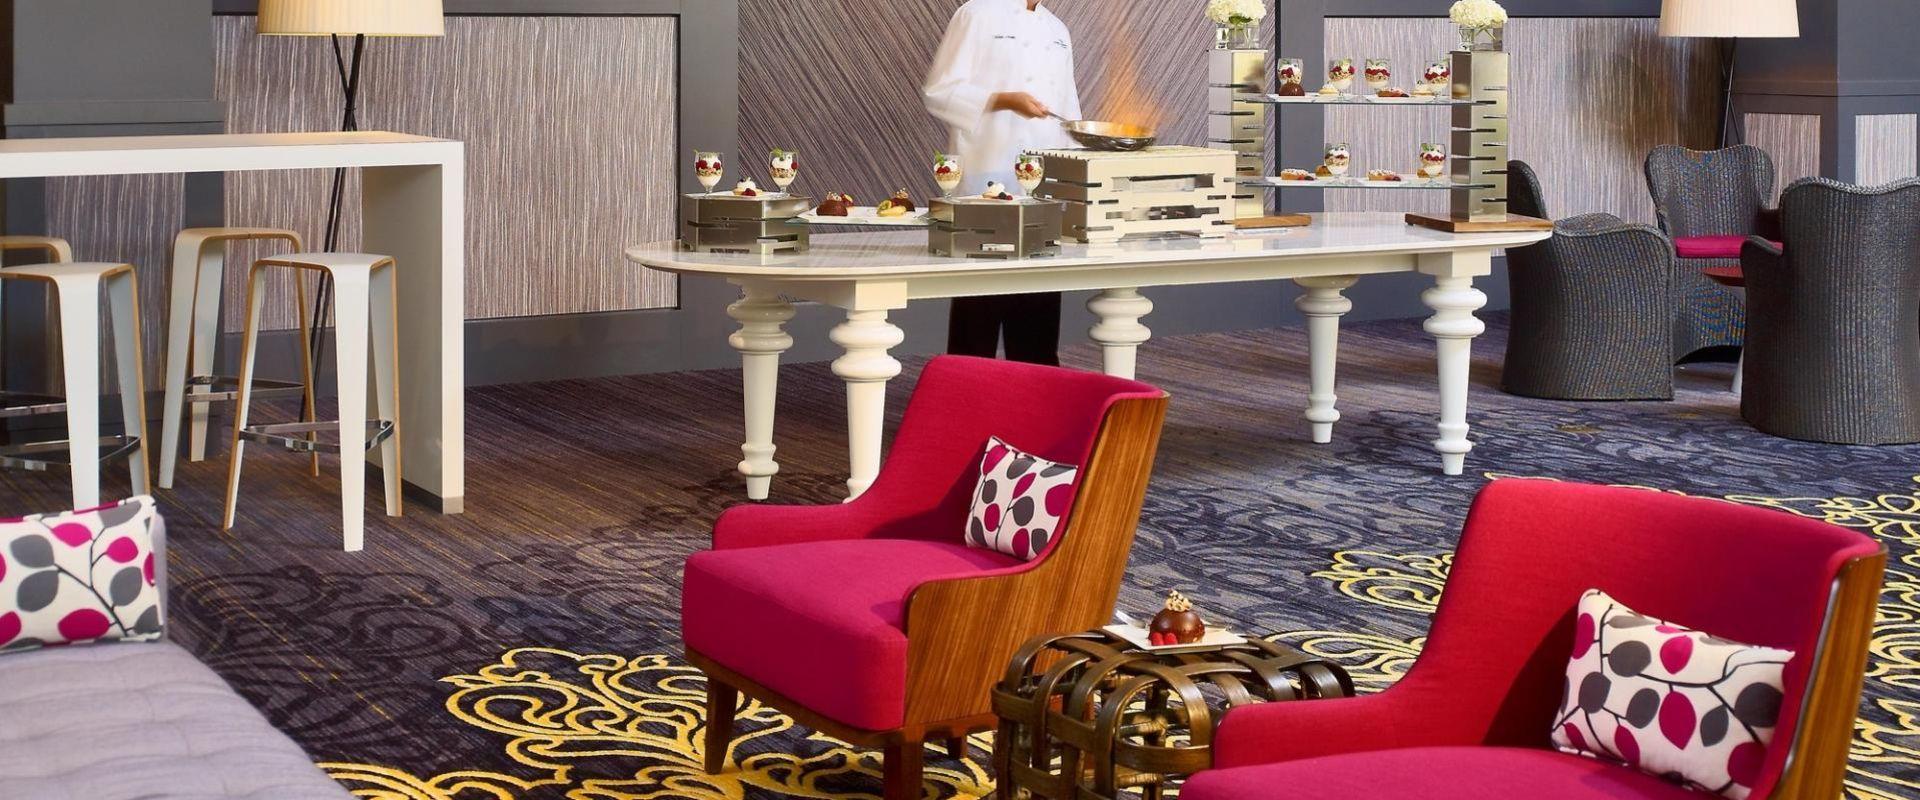 Sonesta Gwinnett Place Atlanta - Lobby Caterer